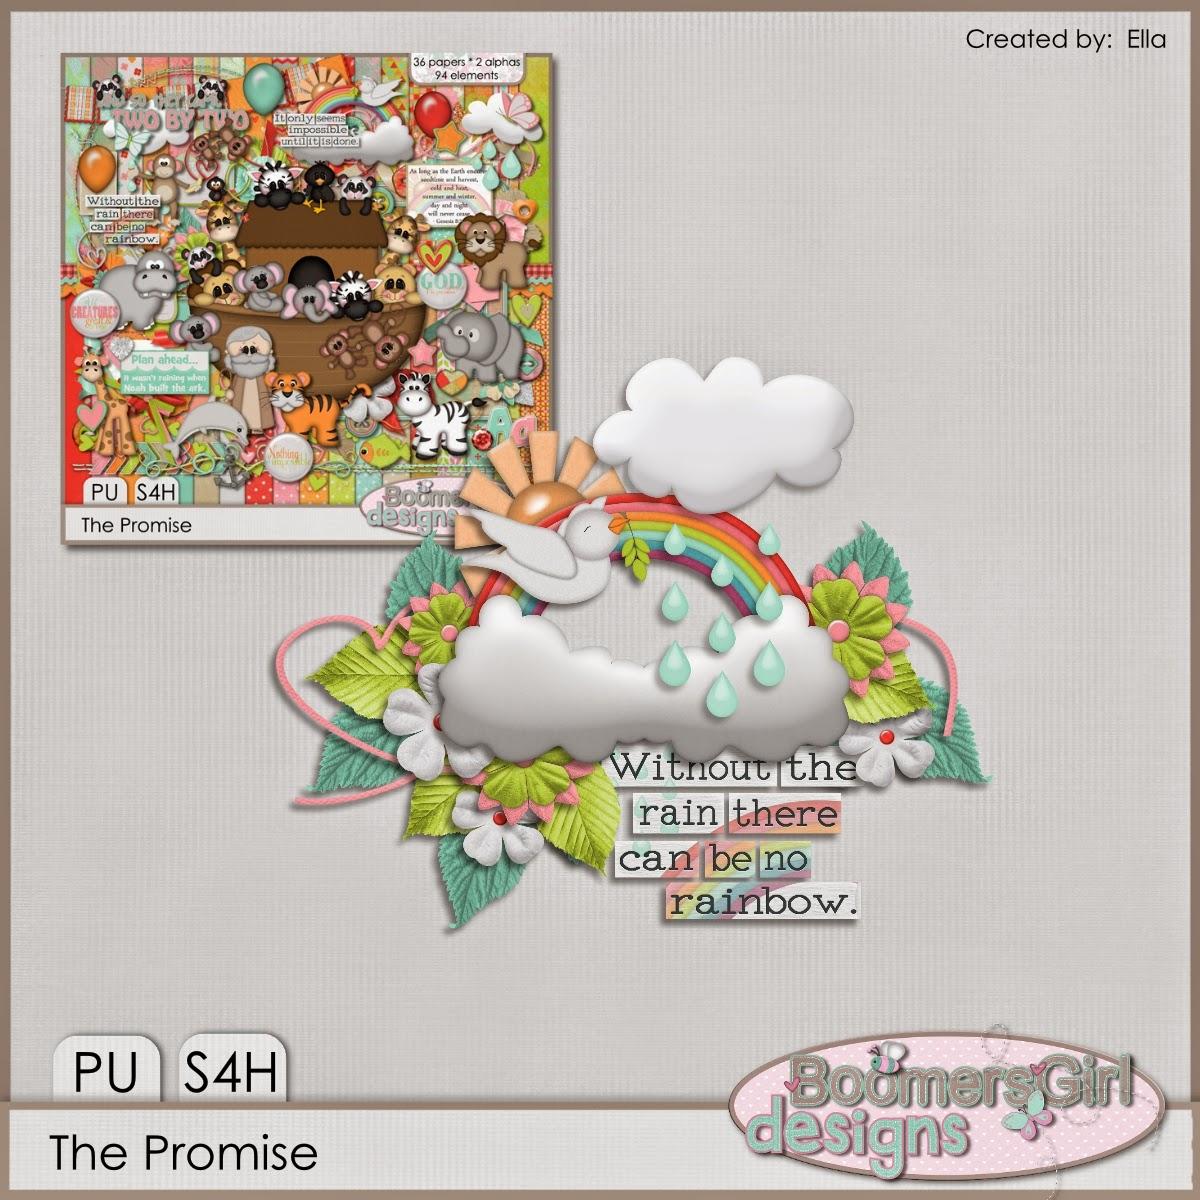 http://1.bp.blogspot.com/-b2p11Ky6YJE/VCmcBAT9AaI/AAAAAAAAv4A/znmz0WSuQTs/s1600/BGD_Preview_Promise_Blog.jpg